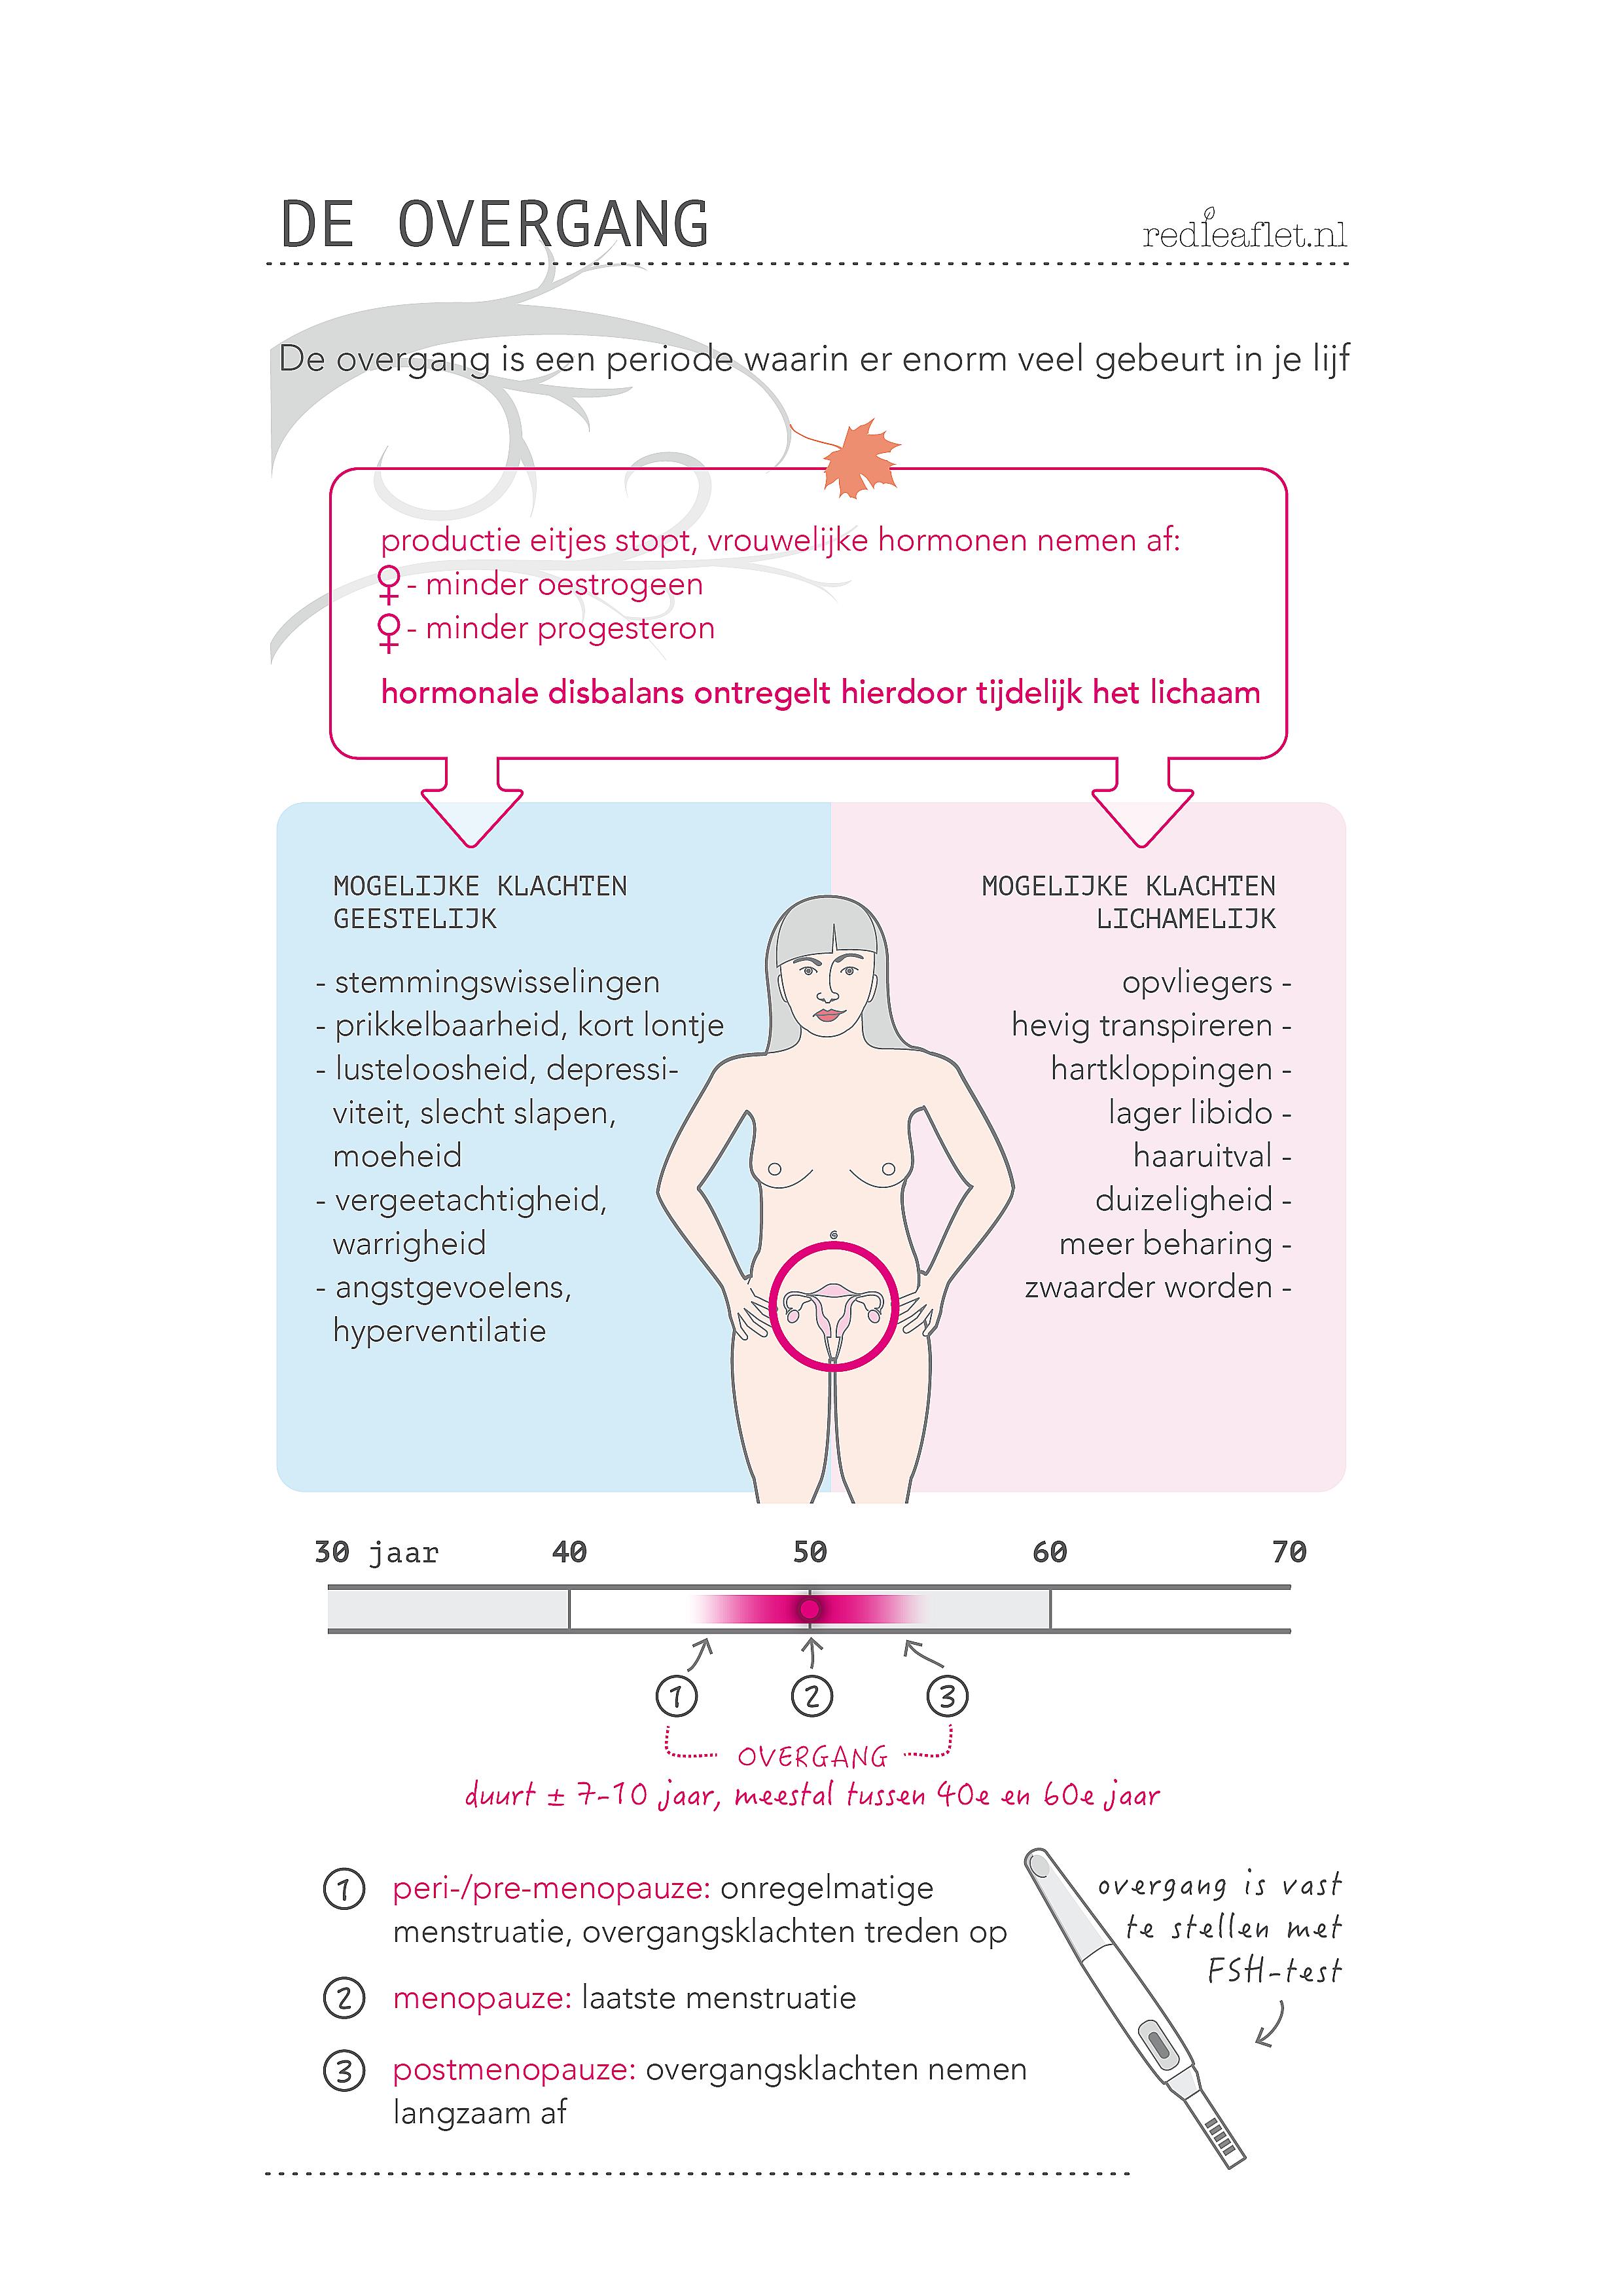 lang menstrueren overgang